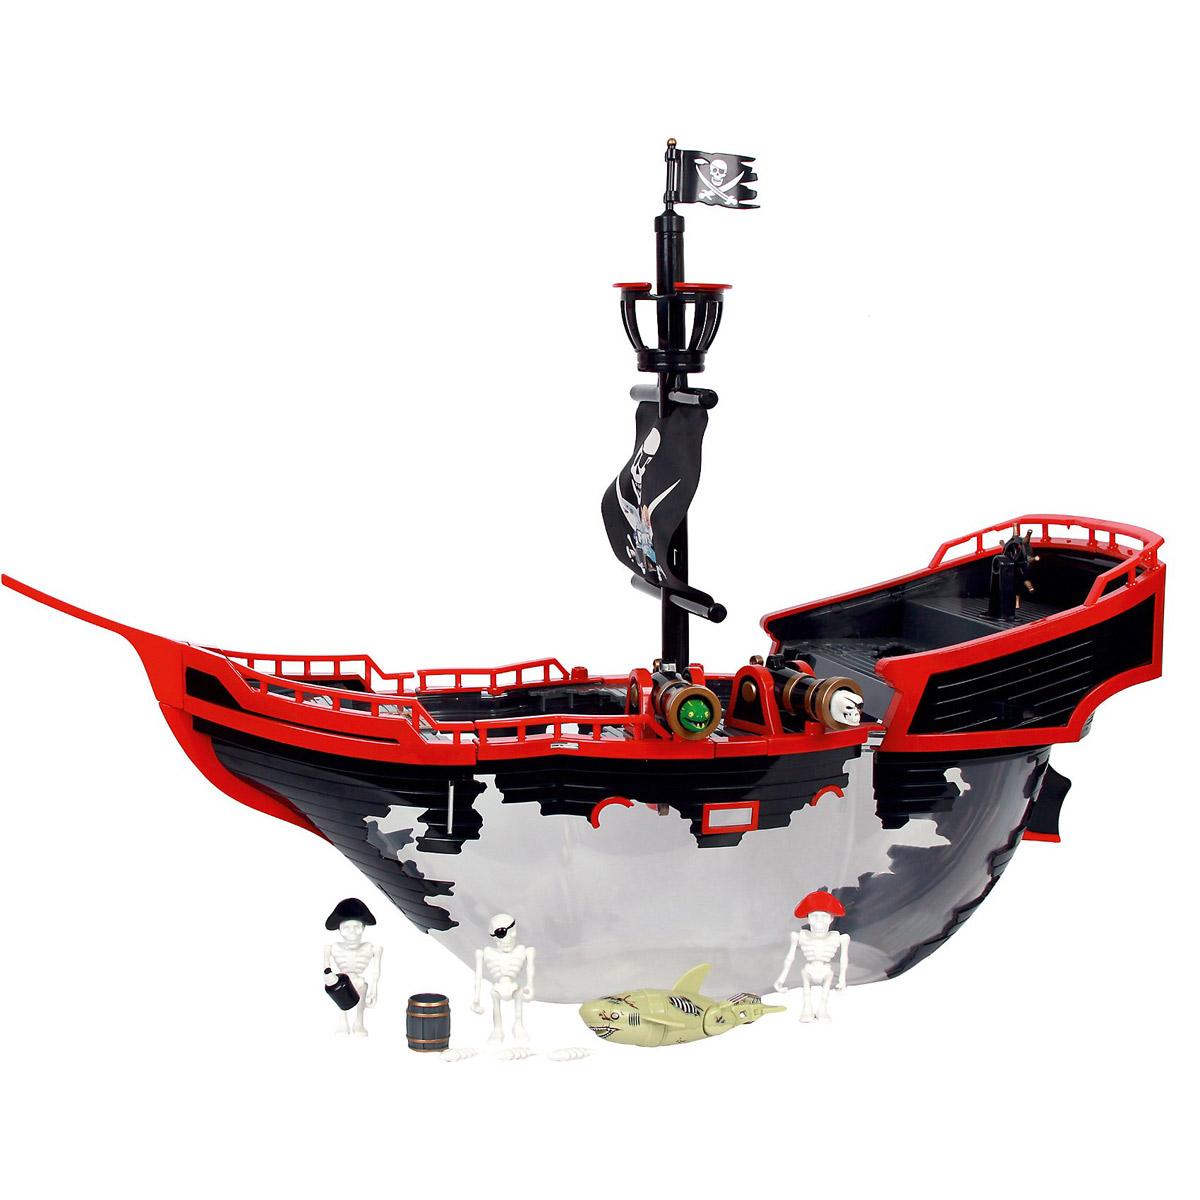 Redwood Игровой набор Набор Корабль-призрак147261В наборе: - Корабль-аквариум (объем 5 литров) - Акула-акробат, 12см - Фигурки скелетов - 3шт. - Бочка с провиантом Штурвал крутится. Акула при движении в воде активирует: - Пиратский парус – поднимается и сбрасывает скелет с мачты - Пушки корабля – заряжаются и стреляют черепами. - Бочка с «провиантом» – падает рассыпая содержимое в воду Габариты аквариума-корабля: 50 x 35 x 25 см Размер упаковки: 51х18х26 см Тип батареек для акулы AAA(LR03)X2 шт